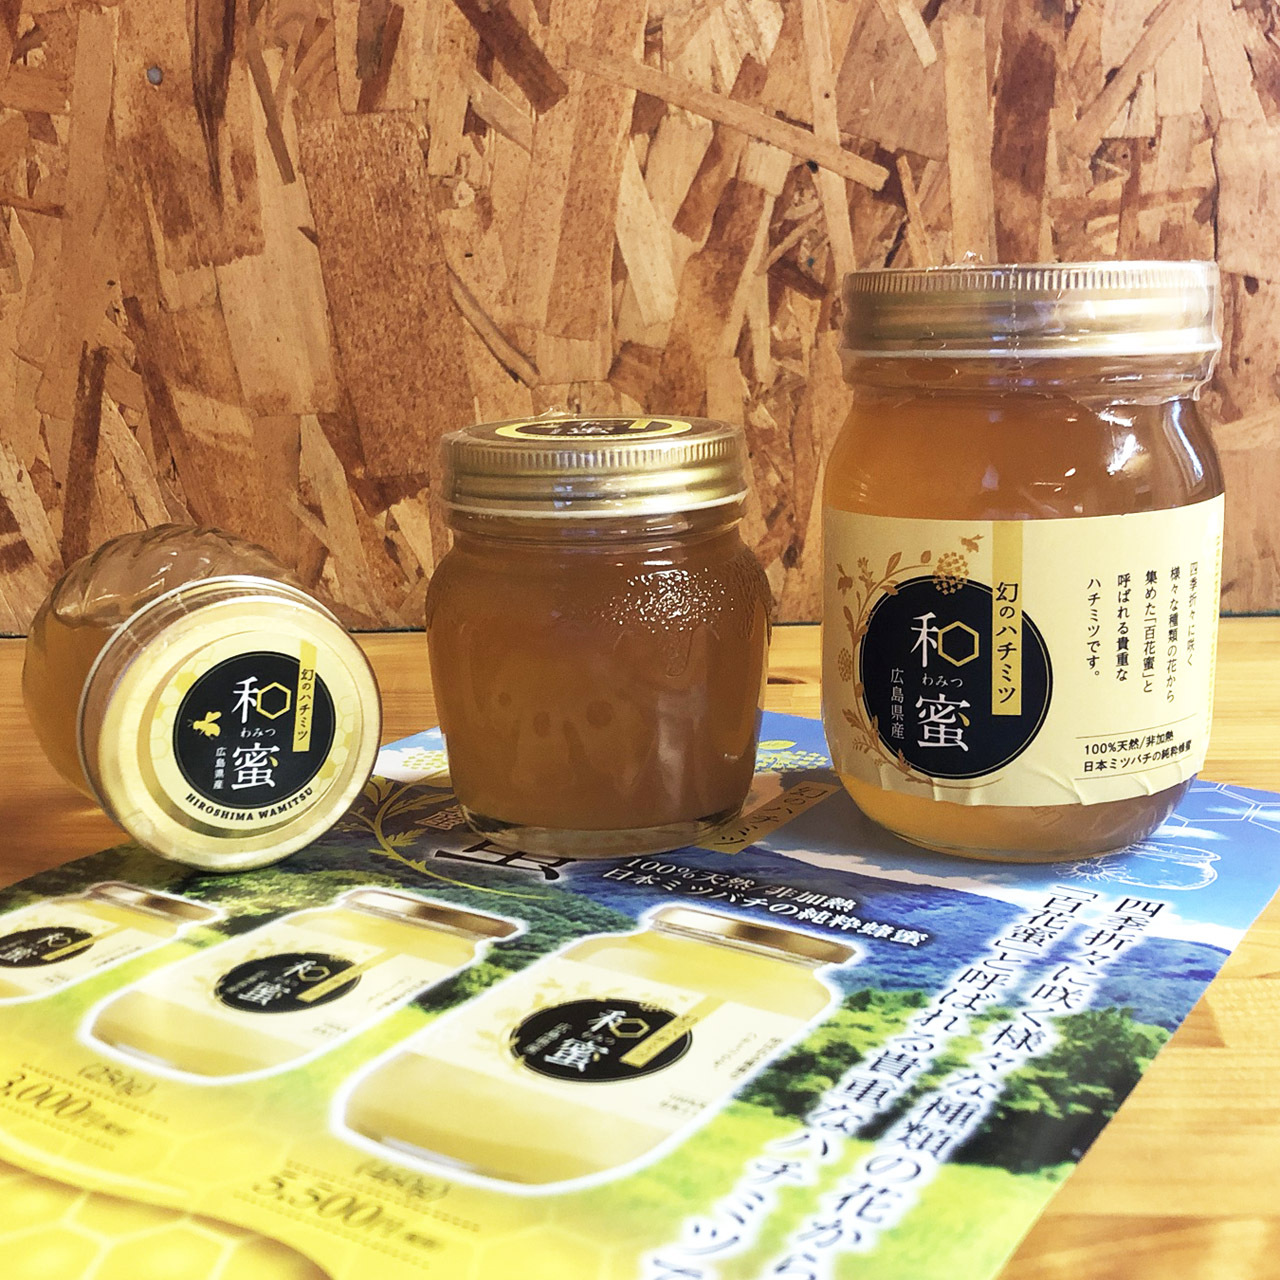 100%天然 幻のハチミツ 和蜜 250g